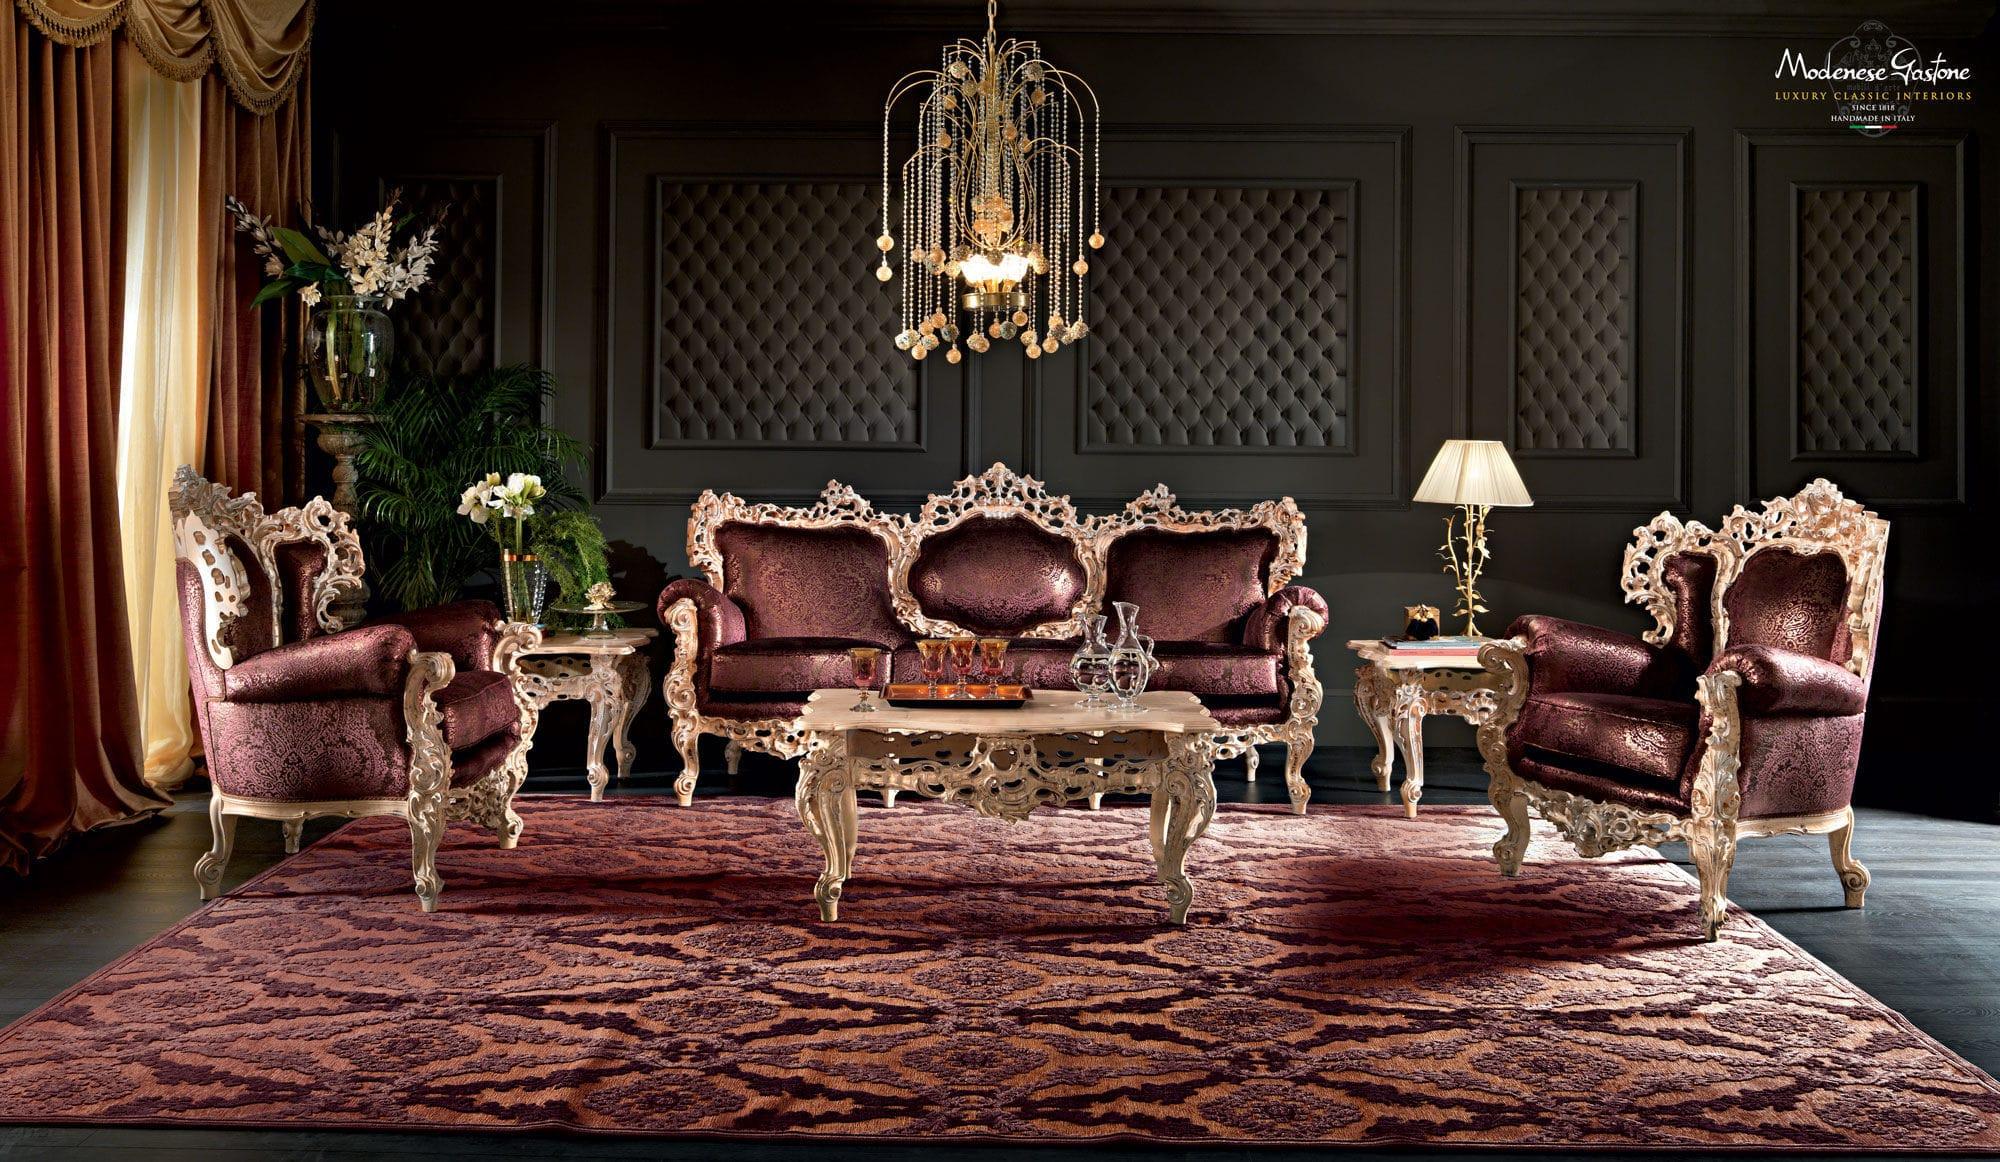 Classic sofa fabric 3 seater brown VILLA VENEZIA